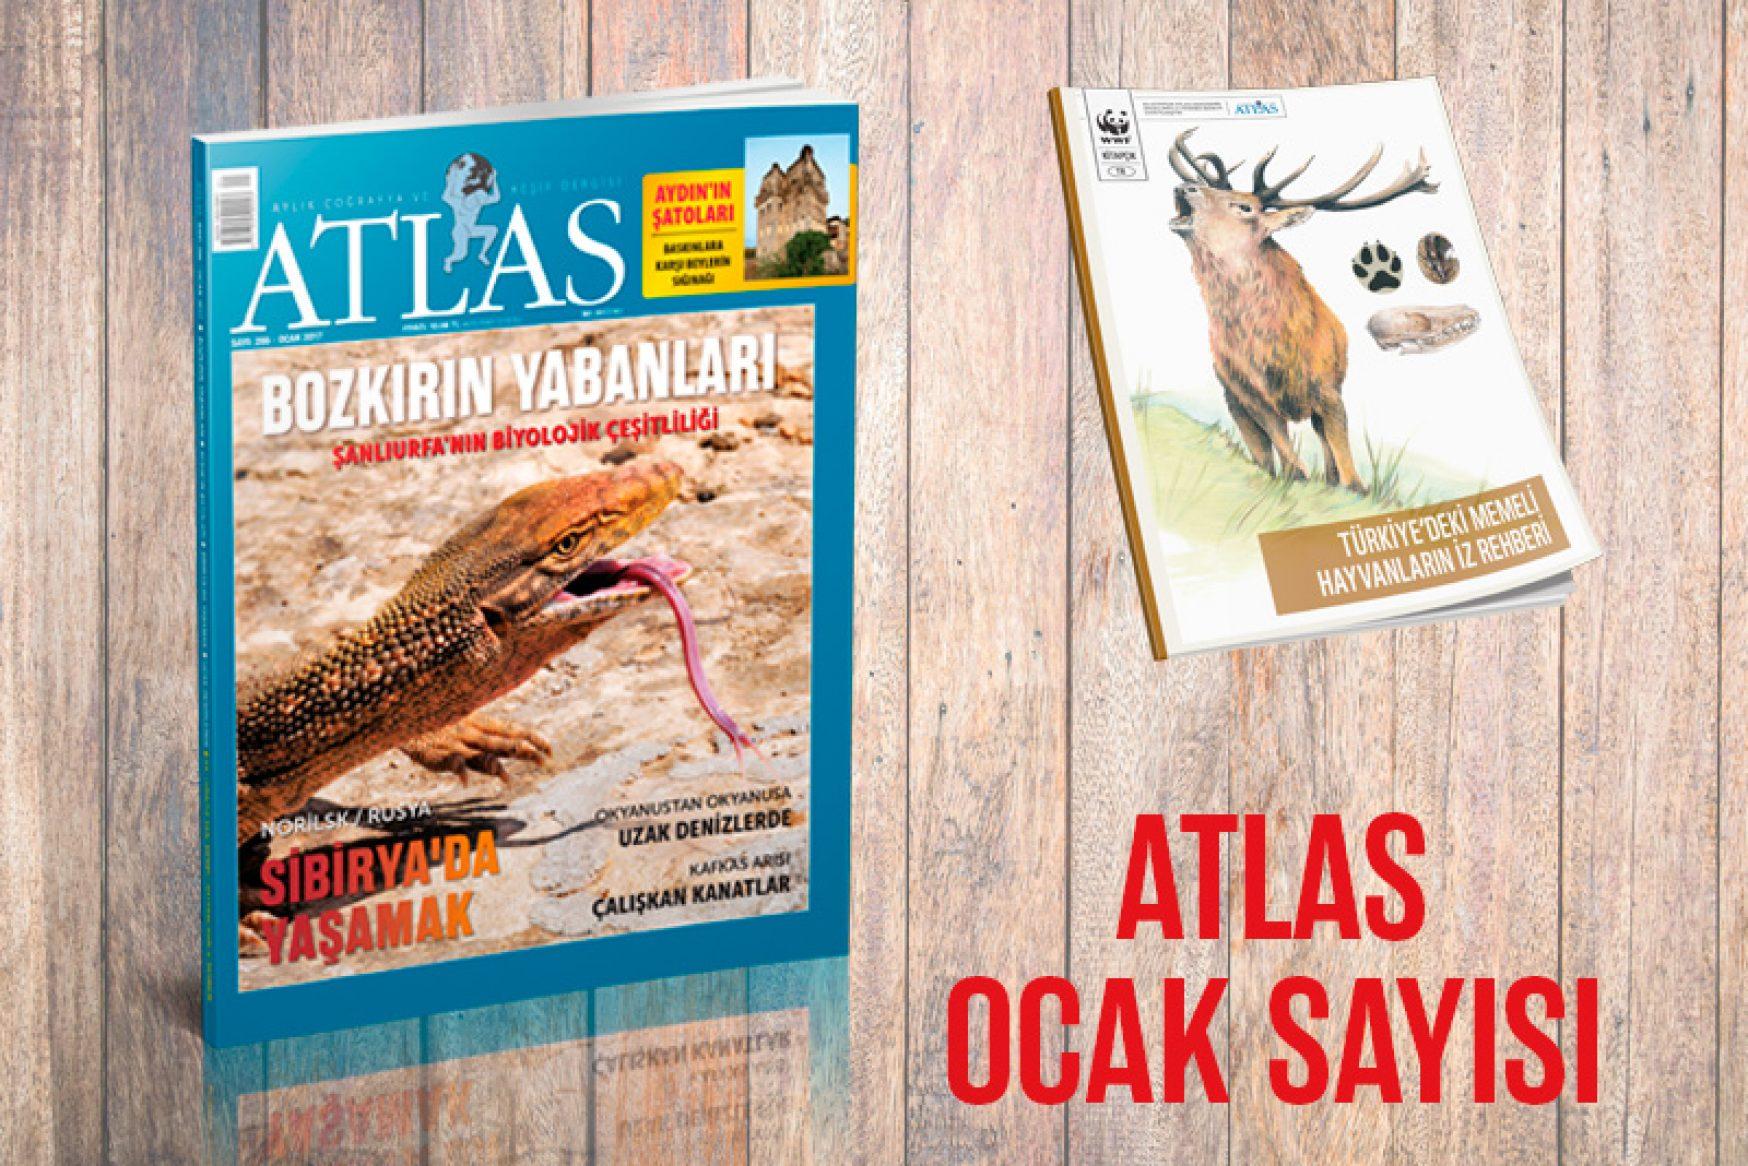 OCAK ATLAS'I